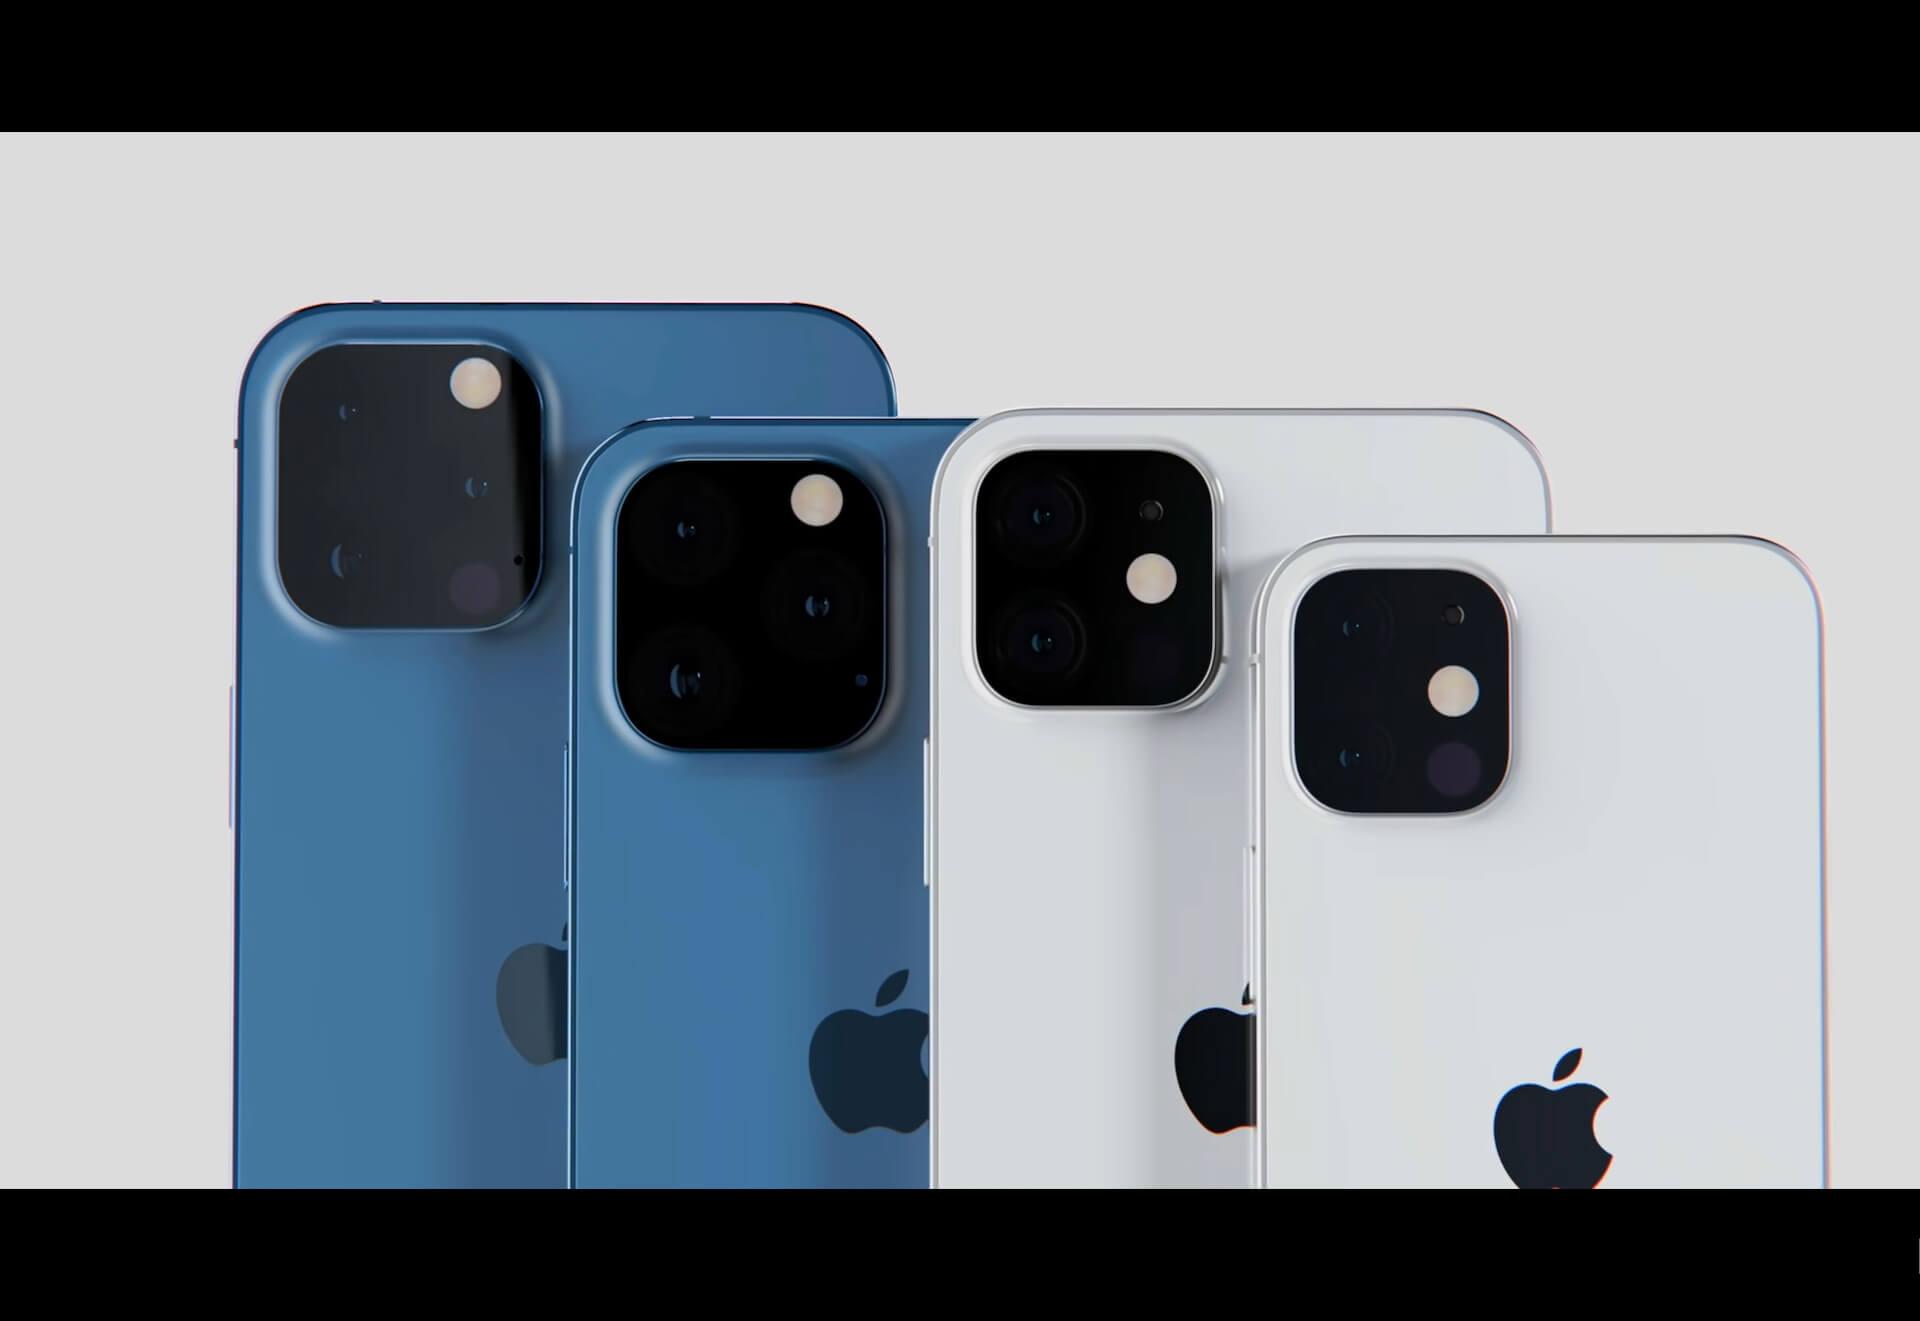 iPhone 13シリーズの主なアップデートはカメラ機能とノッチ部分?LTPOディスプレイも採用か tech210913_iphone13_main